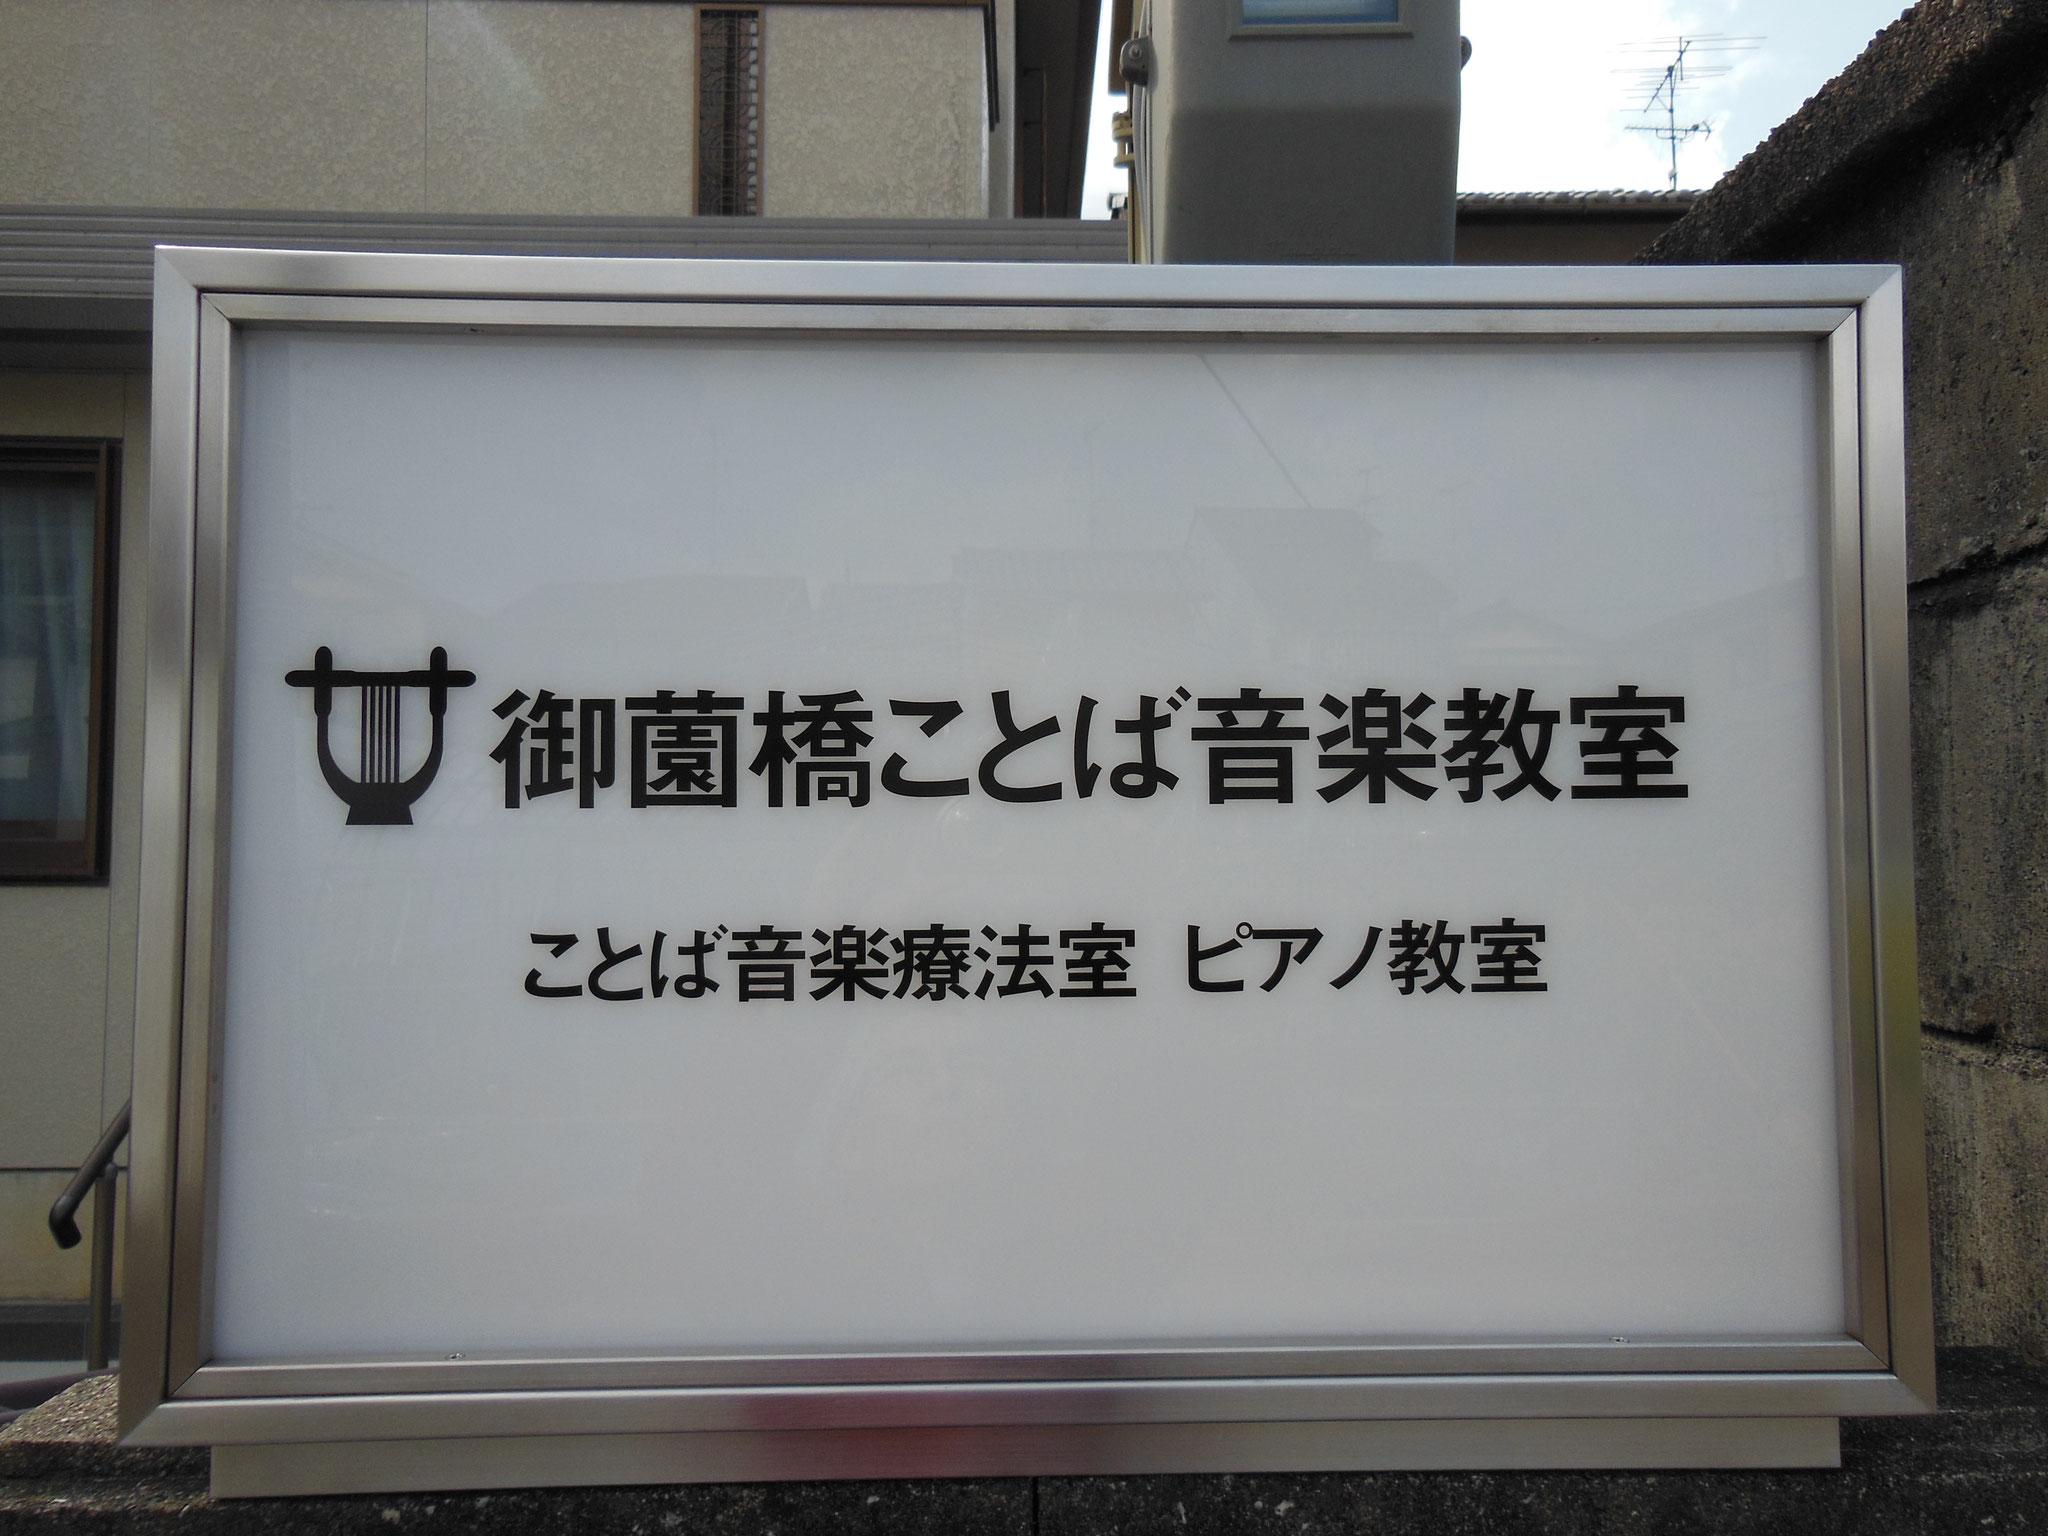 看板です。ロゴはハープのデザインです。